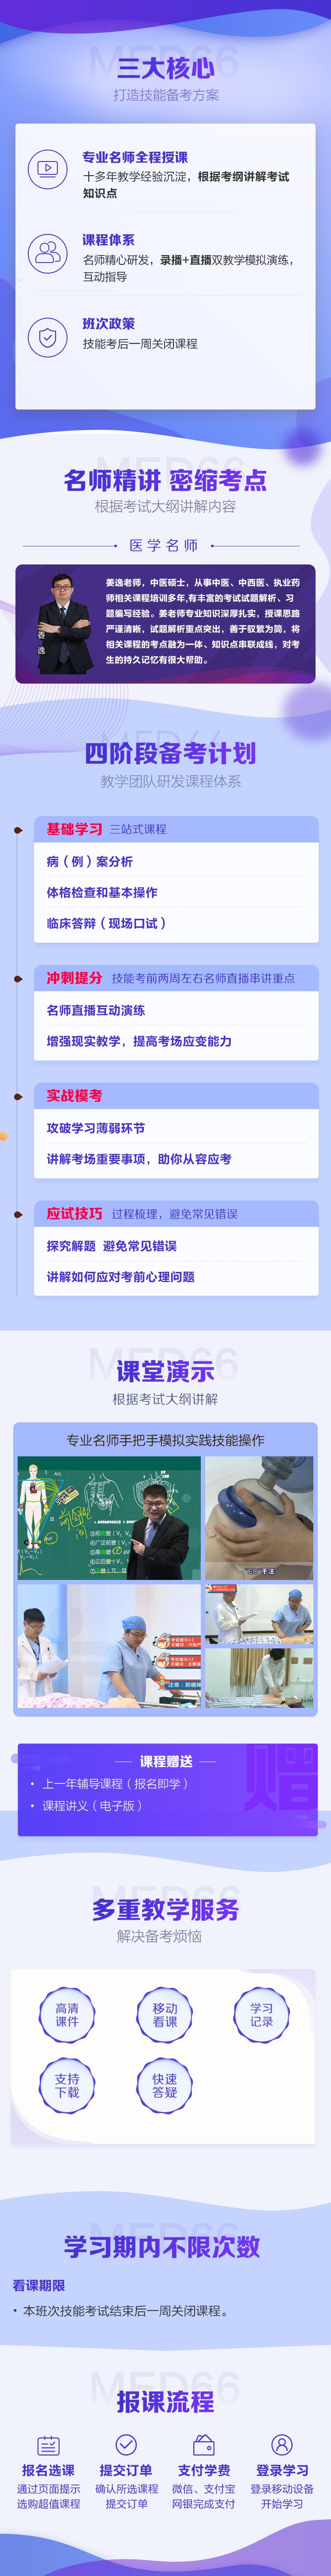 医学教育网中西医助理医师技能特色班